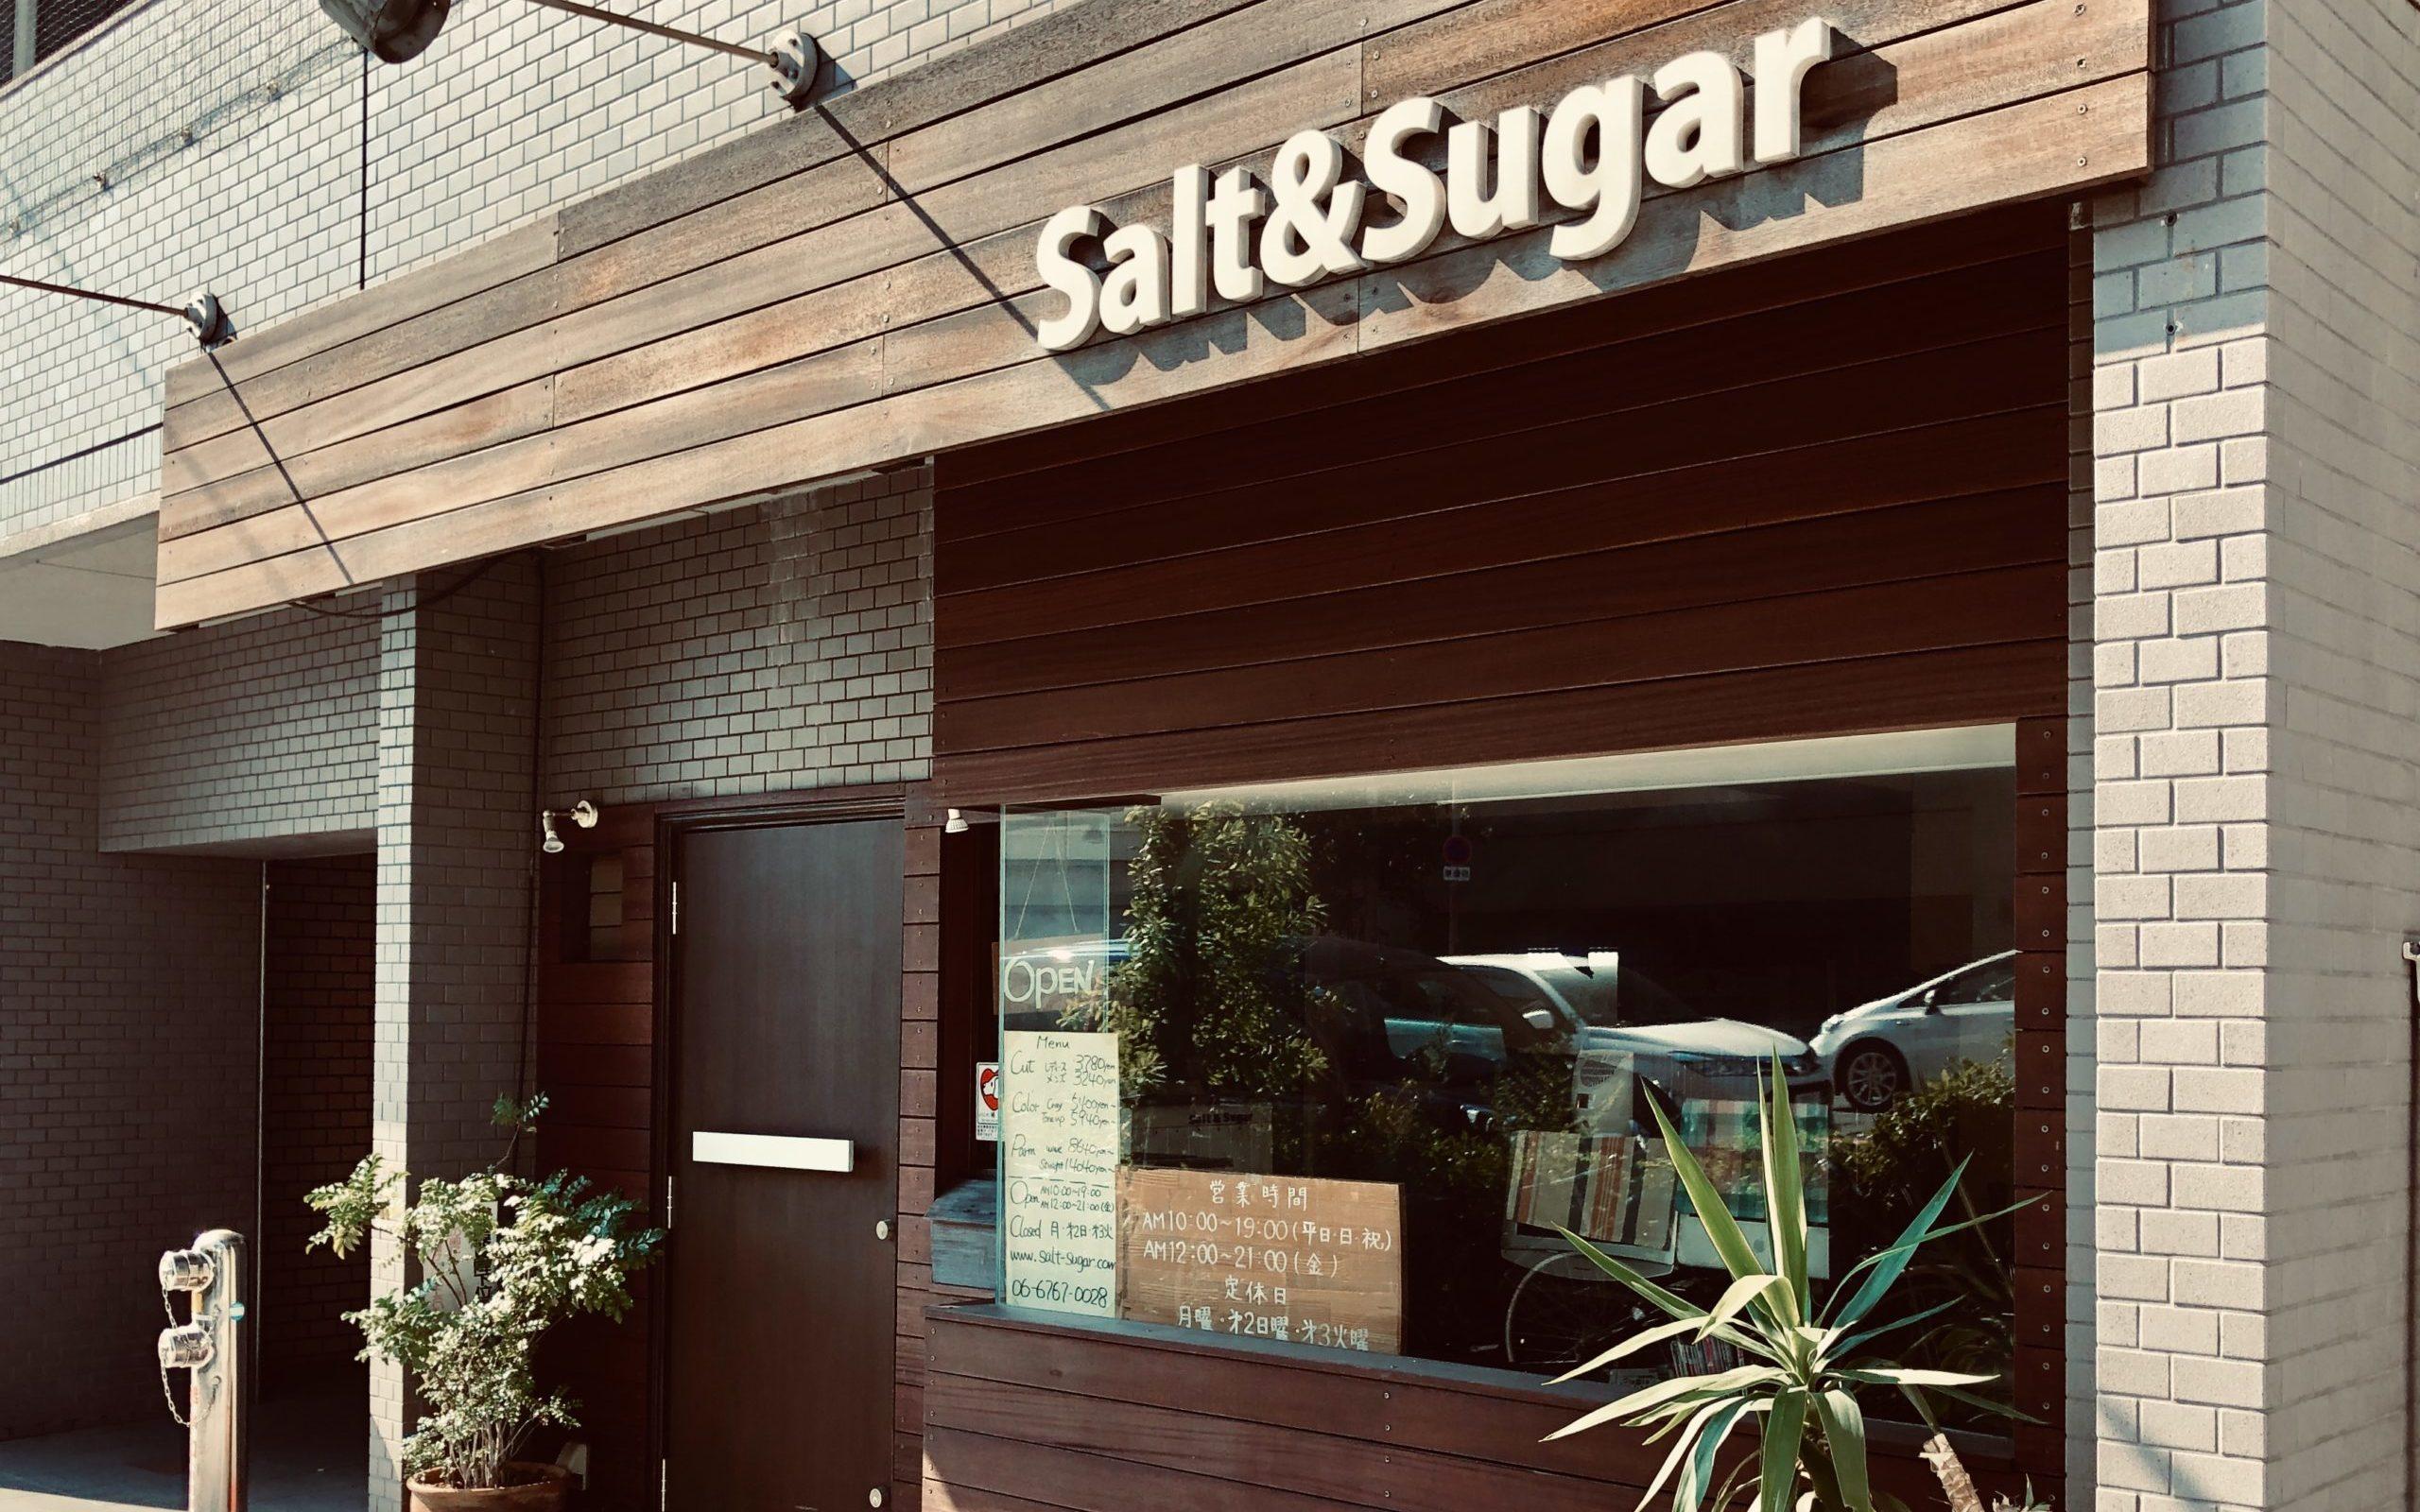 Salt & Sugar(ソルトアンドシュガー)